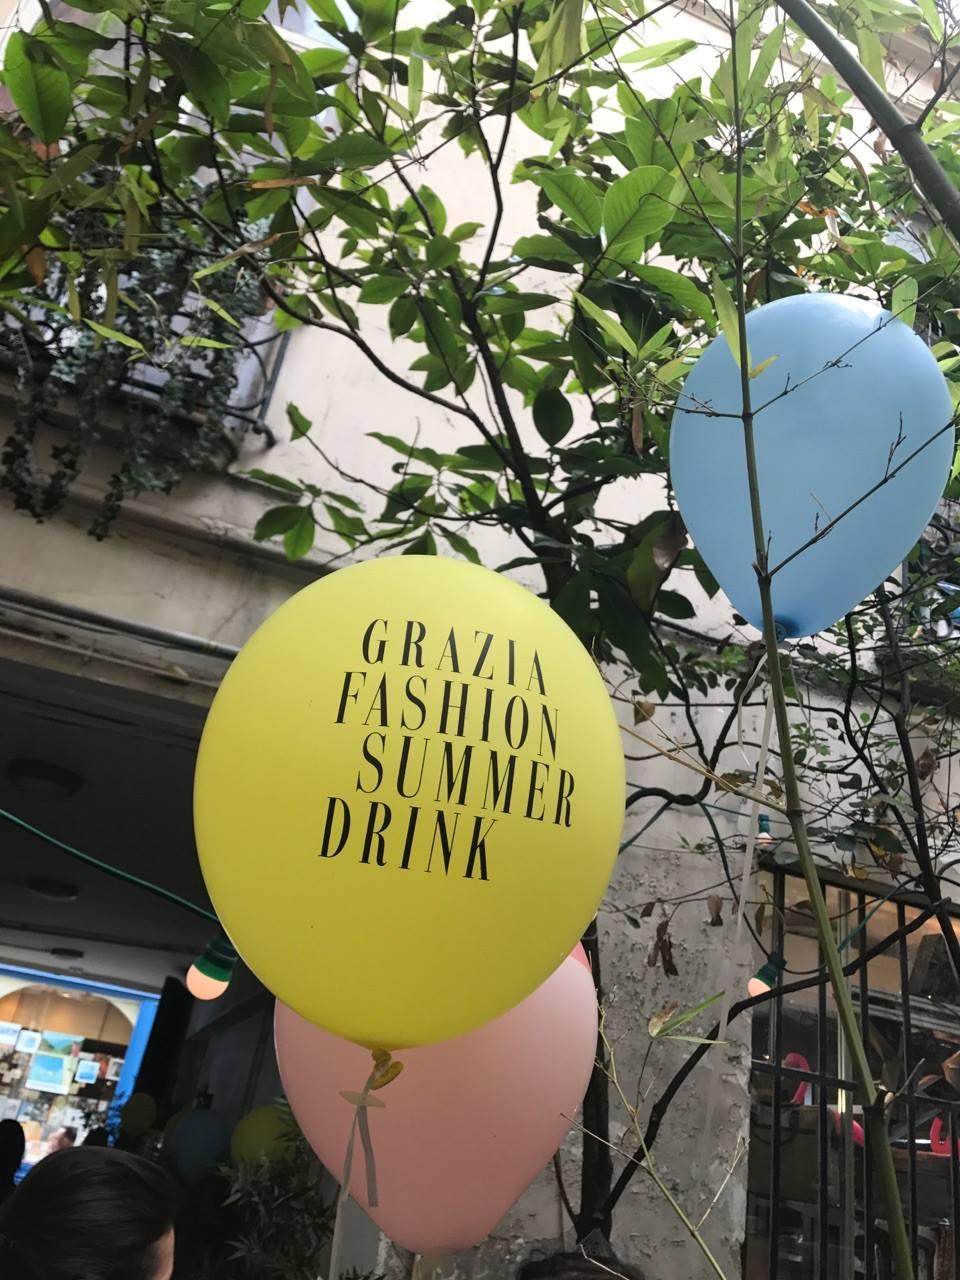 GRAZIA_FASHION_SUMMER_DRINK_1